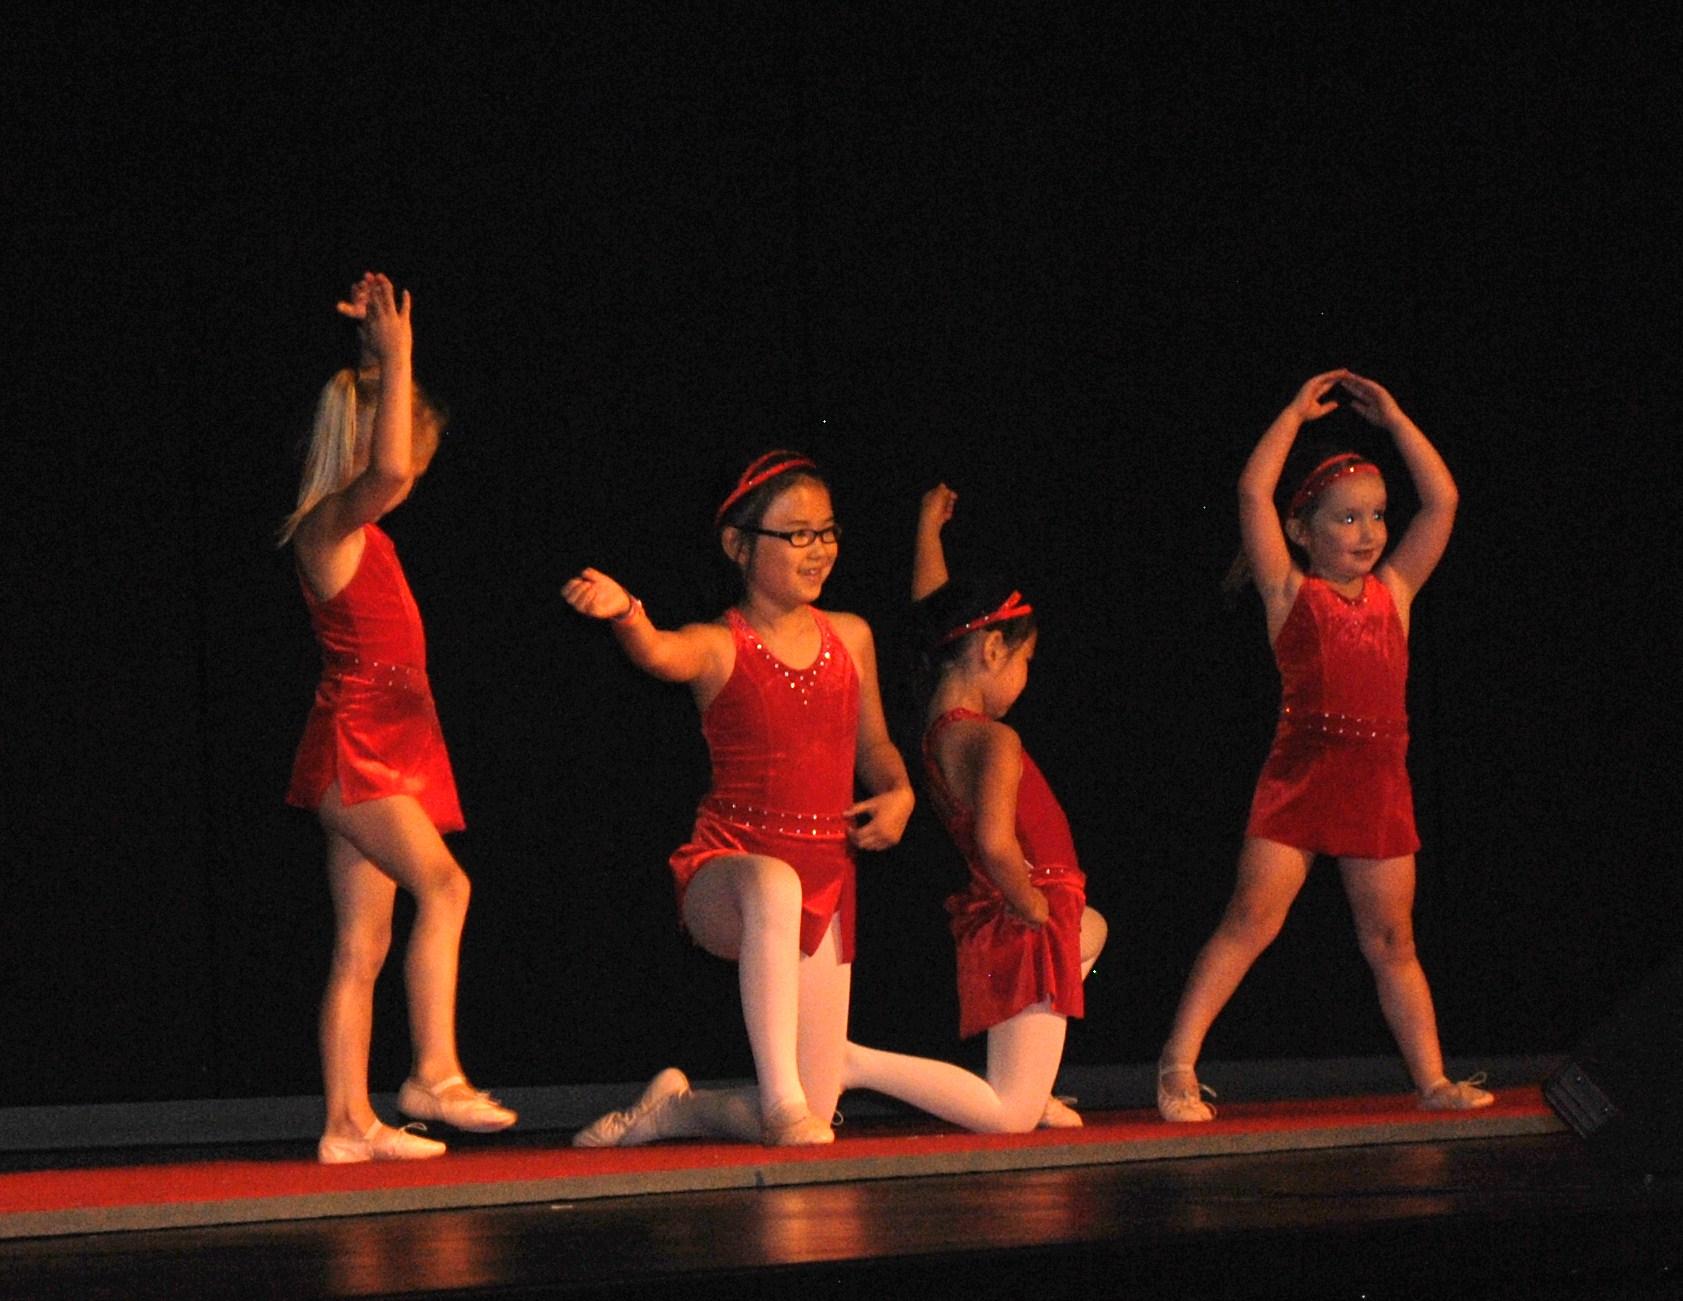 Beginner Ballet & Tumble